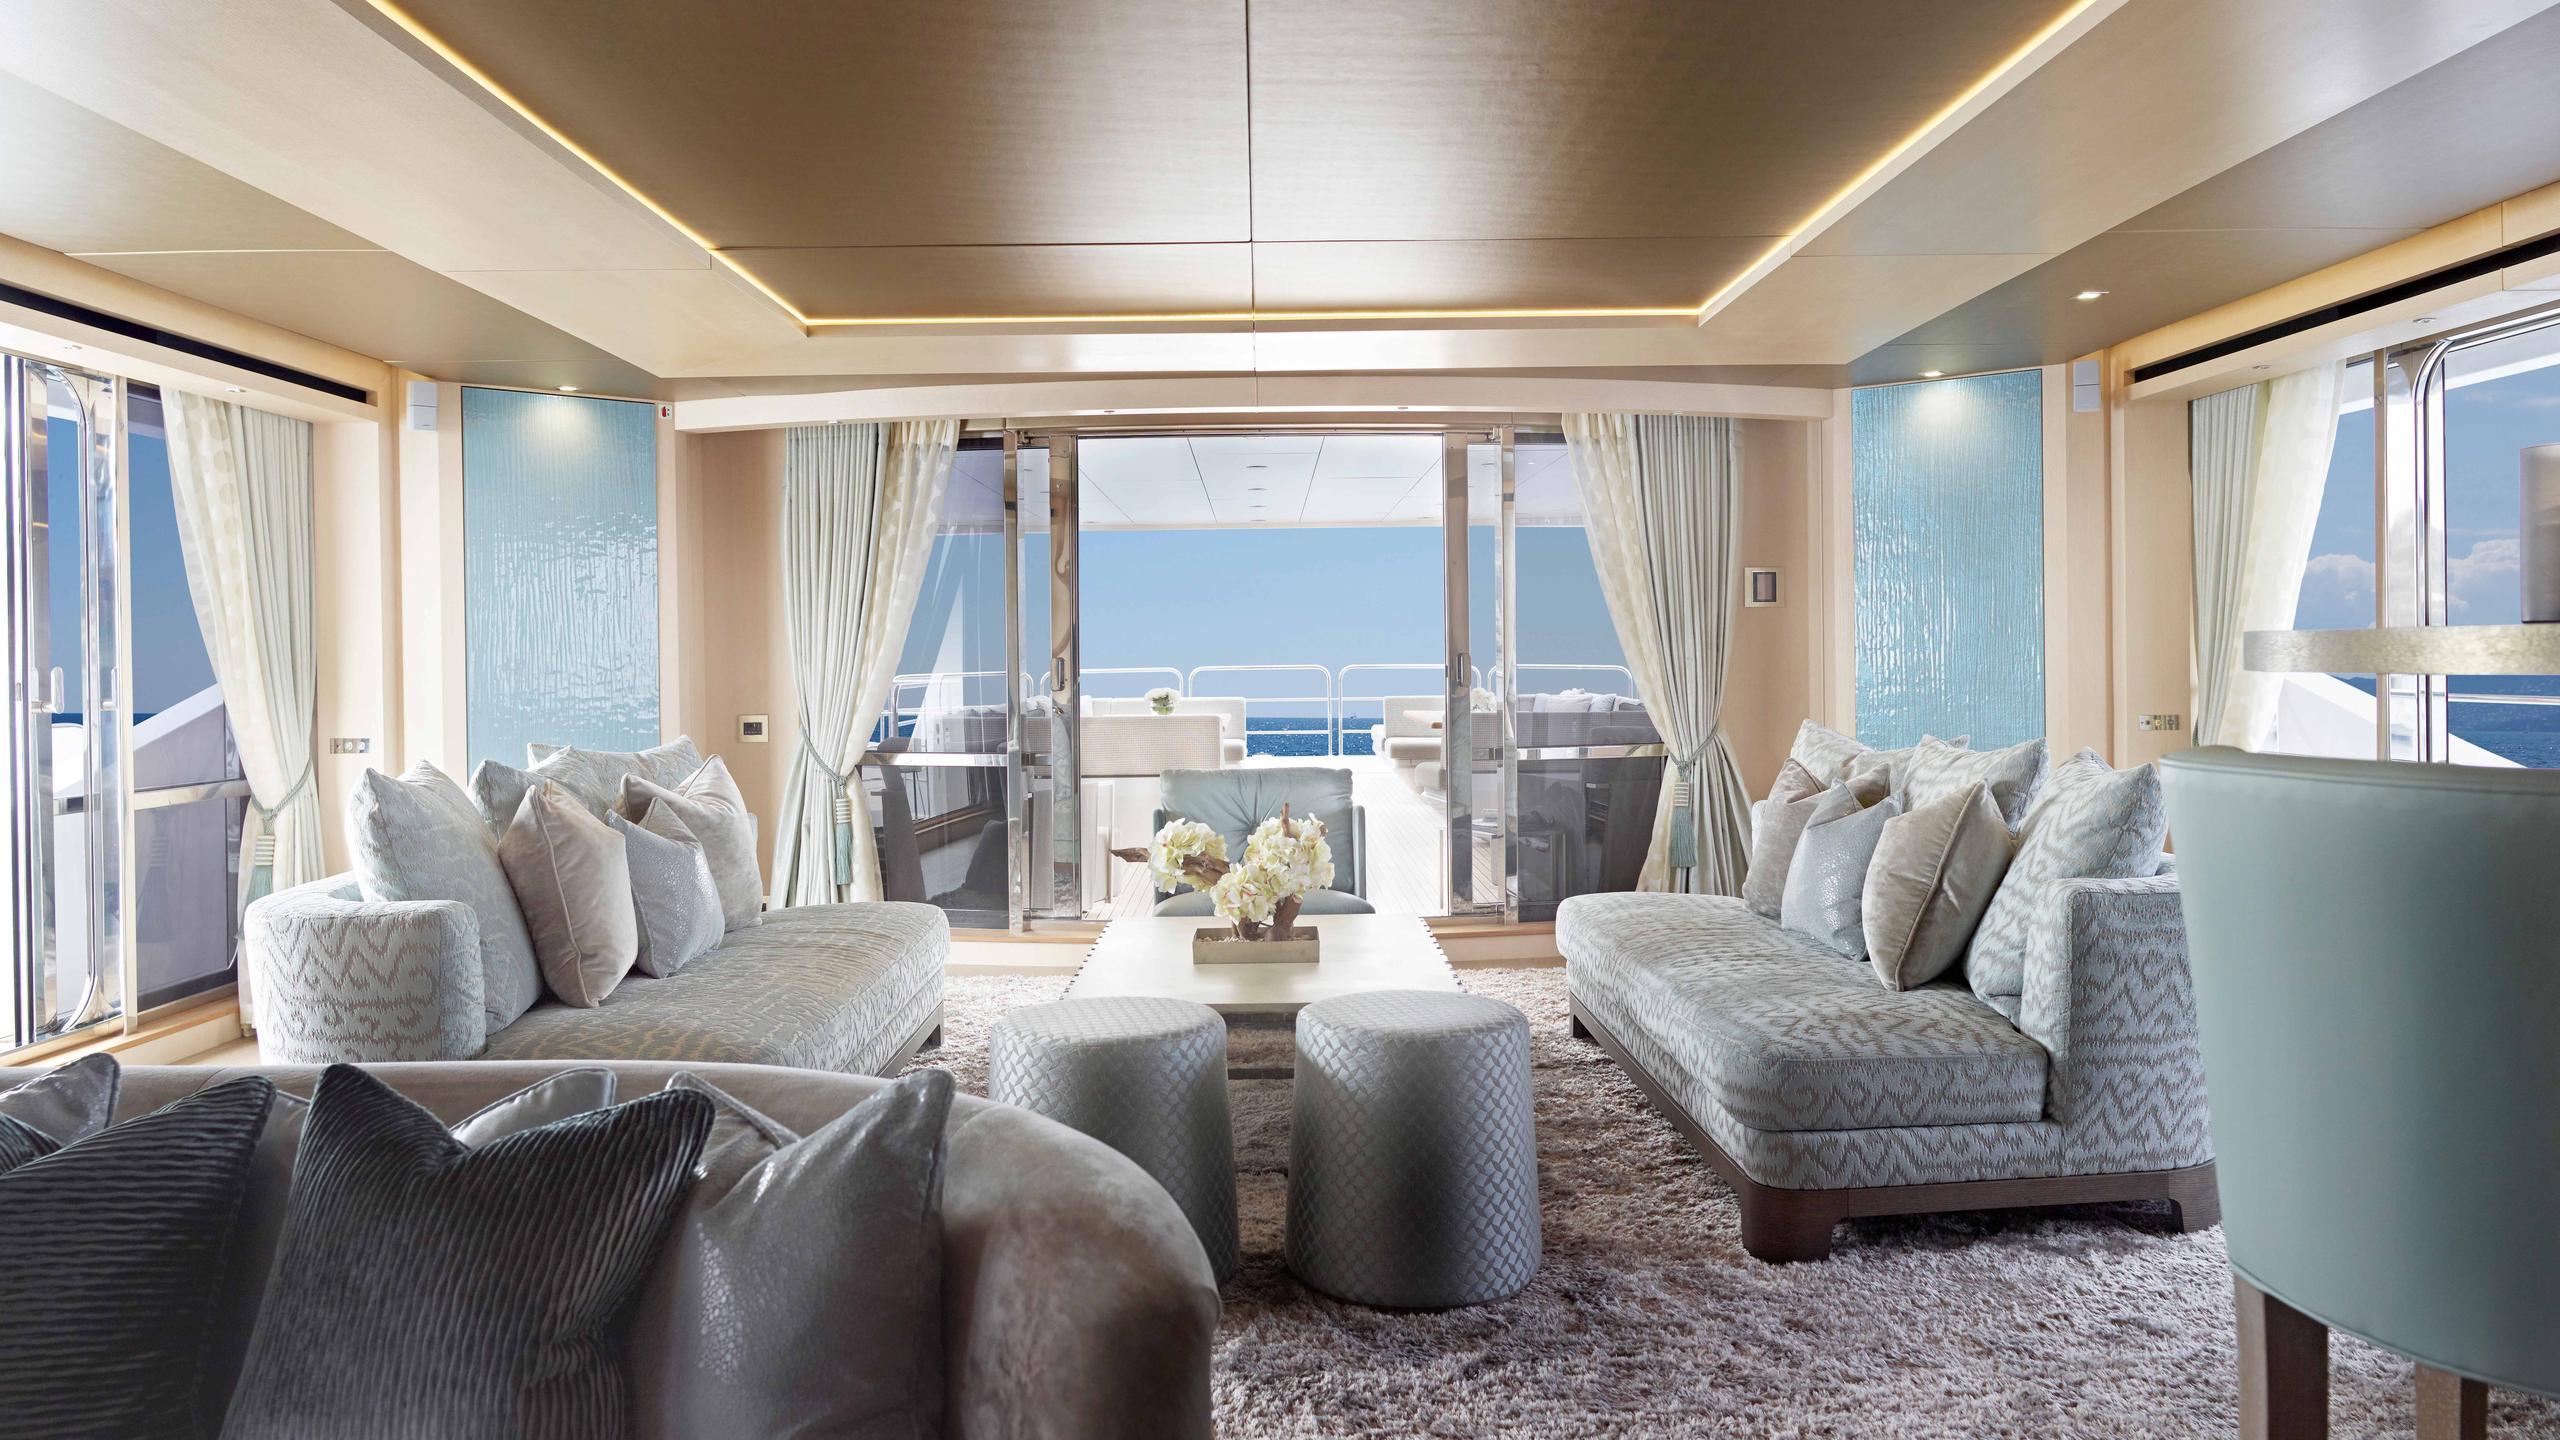 arados-blush-motor-yacht-sunseeker-2014-47m-saloon